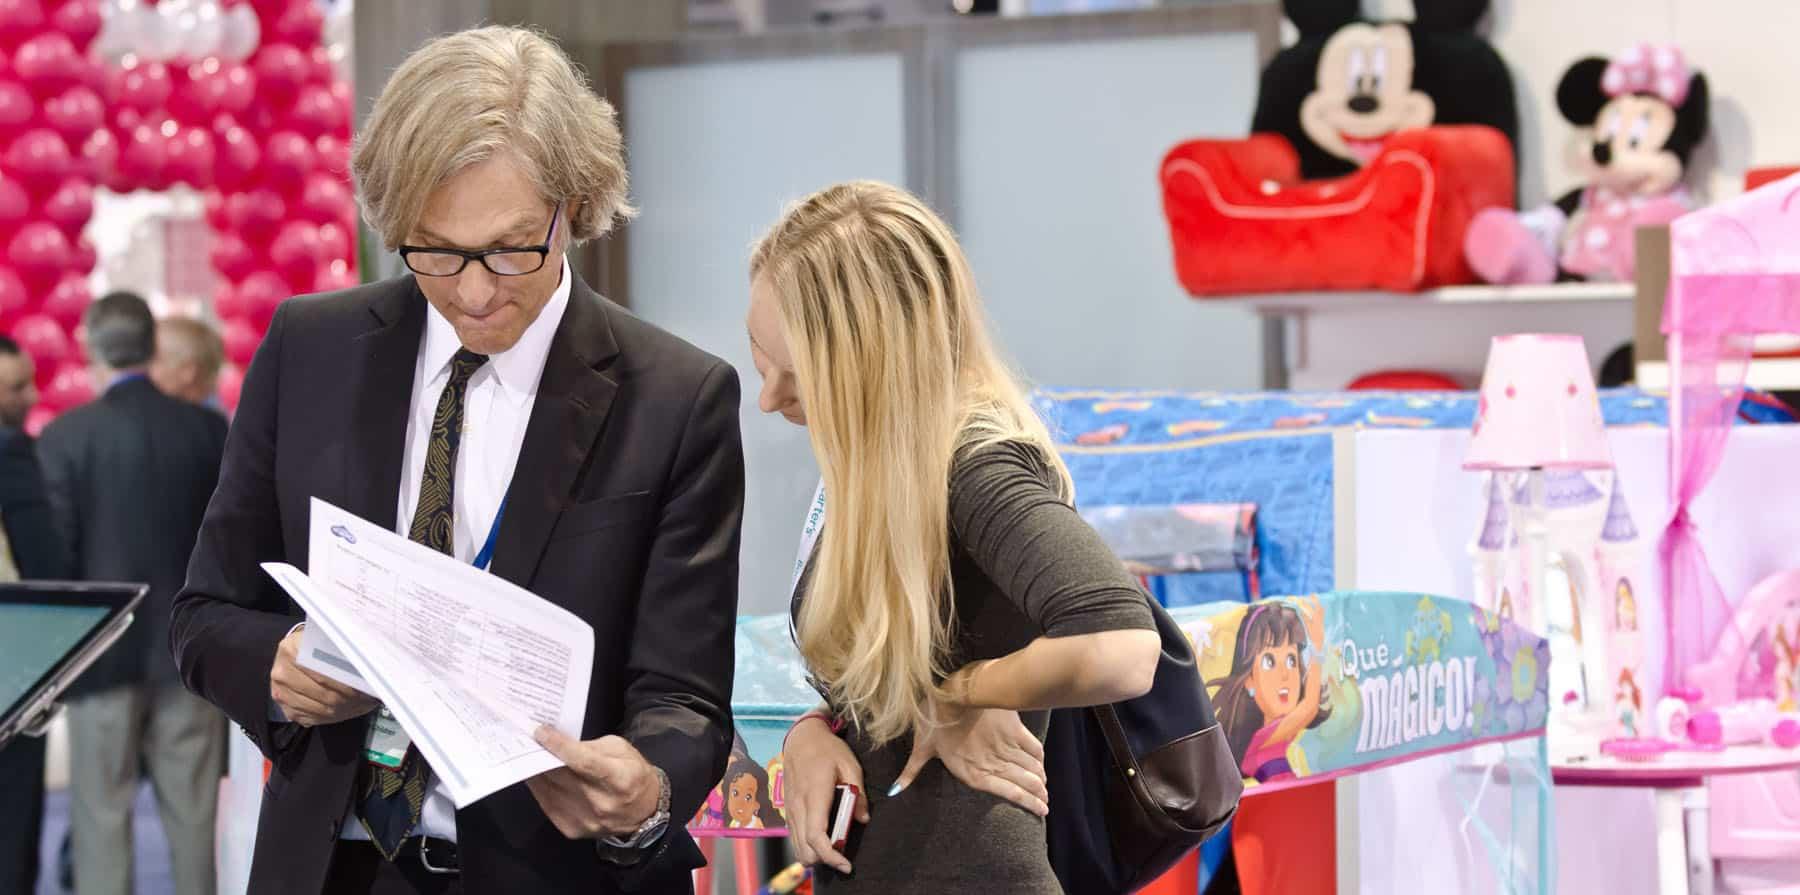 DELTA CHILDREN/ABC EXPO 2013 IN LAS VEGAS